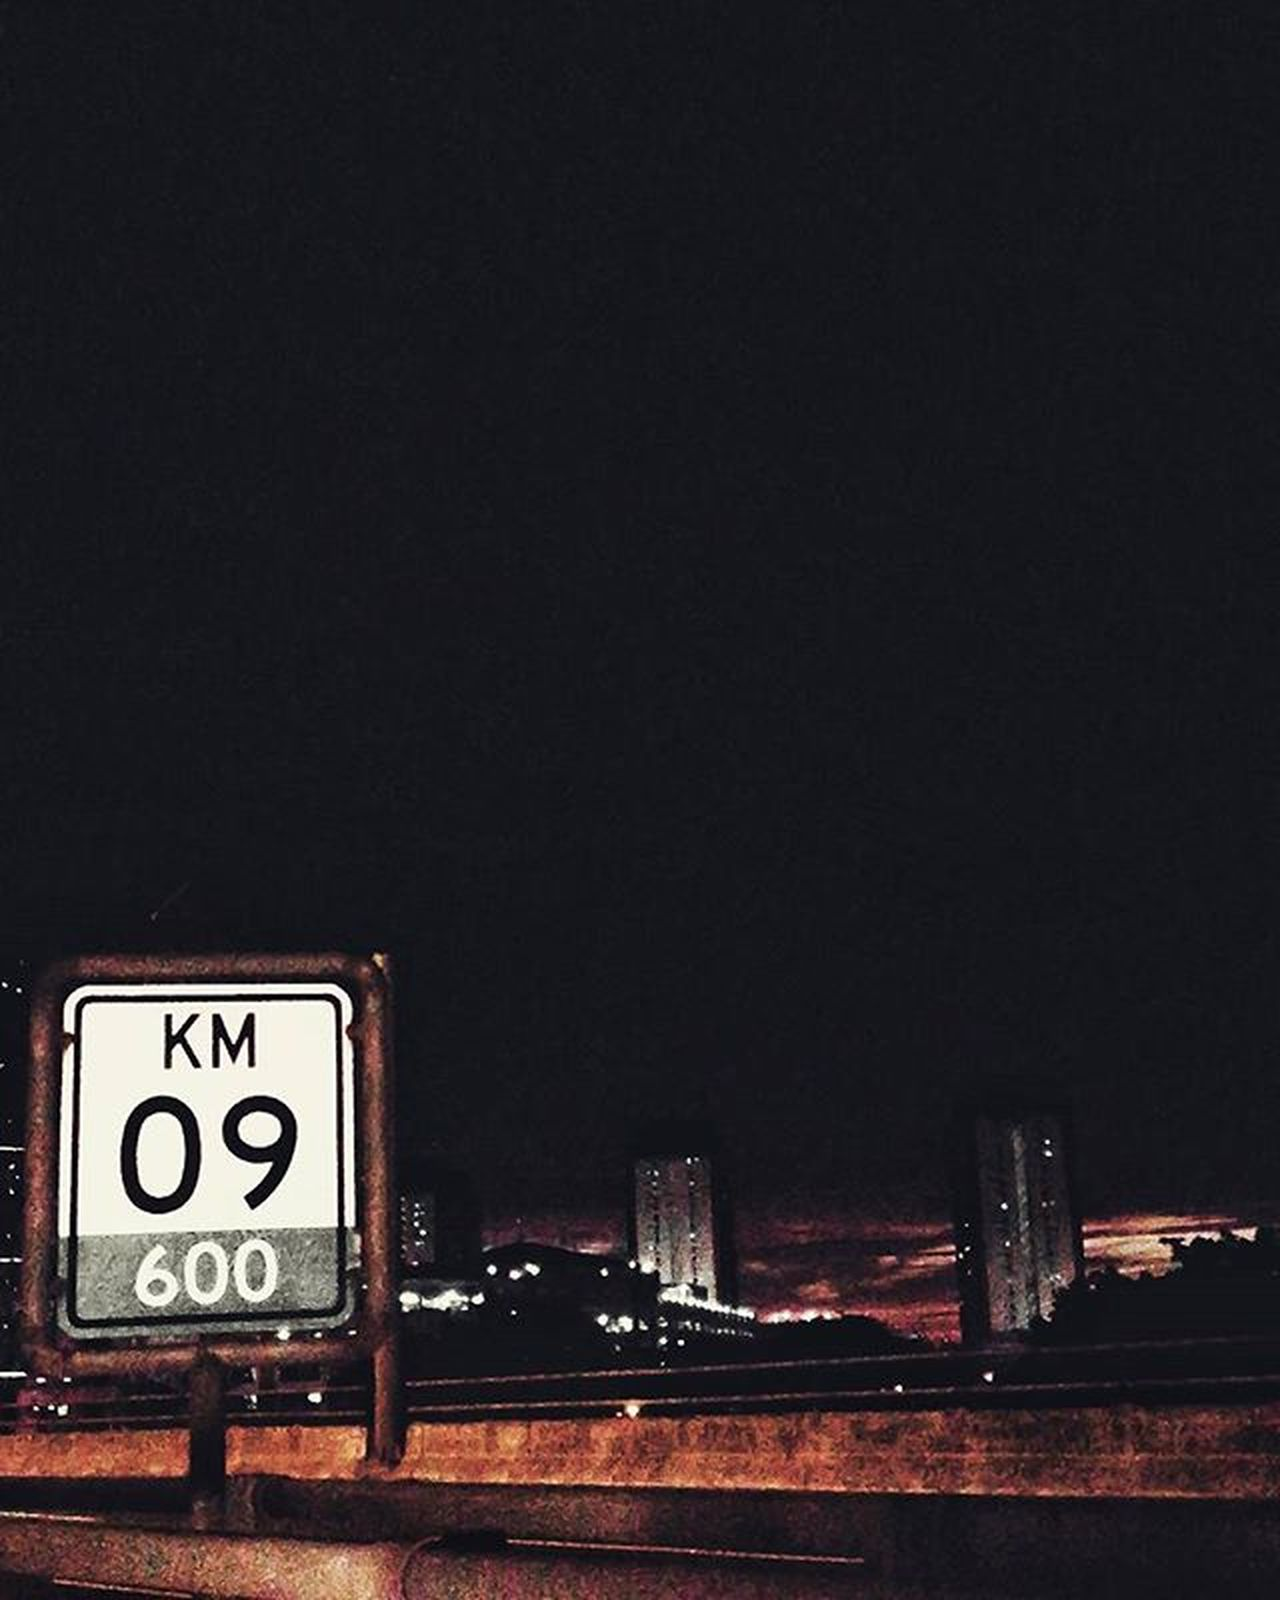 broken pixel .. Streetart Streetphotography Streetdreamsmag StreetNight Streetframe Night Nightsky Nightout Nightvision Darkart Darknight Dark UrbanART Urbanexploration Urbanlandscape Urbanstreetart Urbannight Geonusantara Igstreetart Ig_street Ig_streetphotography Instagram Instamood Instastreet Instastreetart amateurs_shot amateurs_shot_member amateurphotography amateurphotographer film